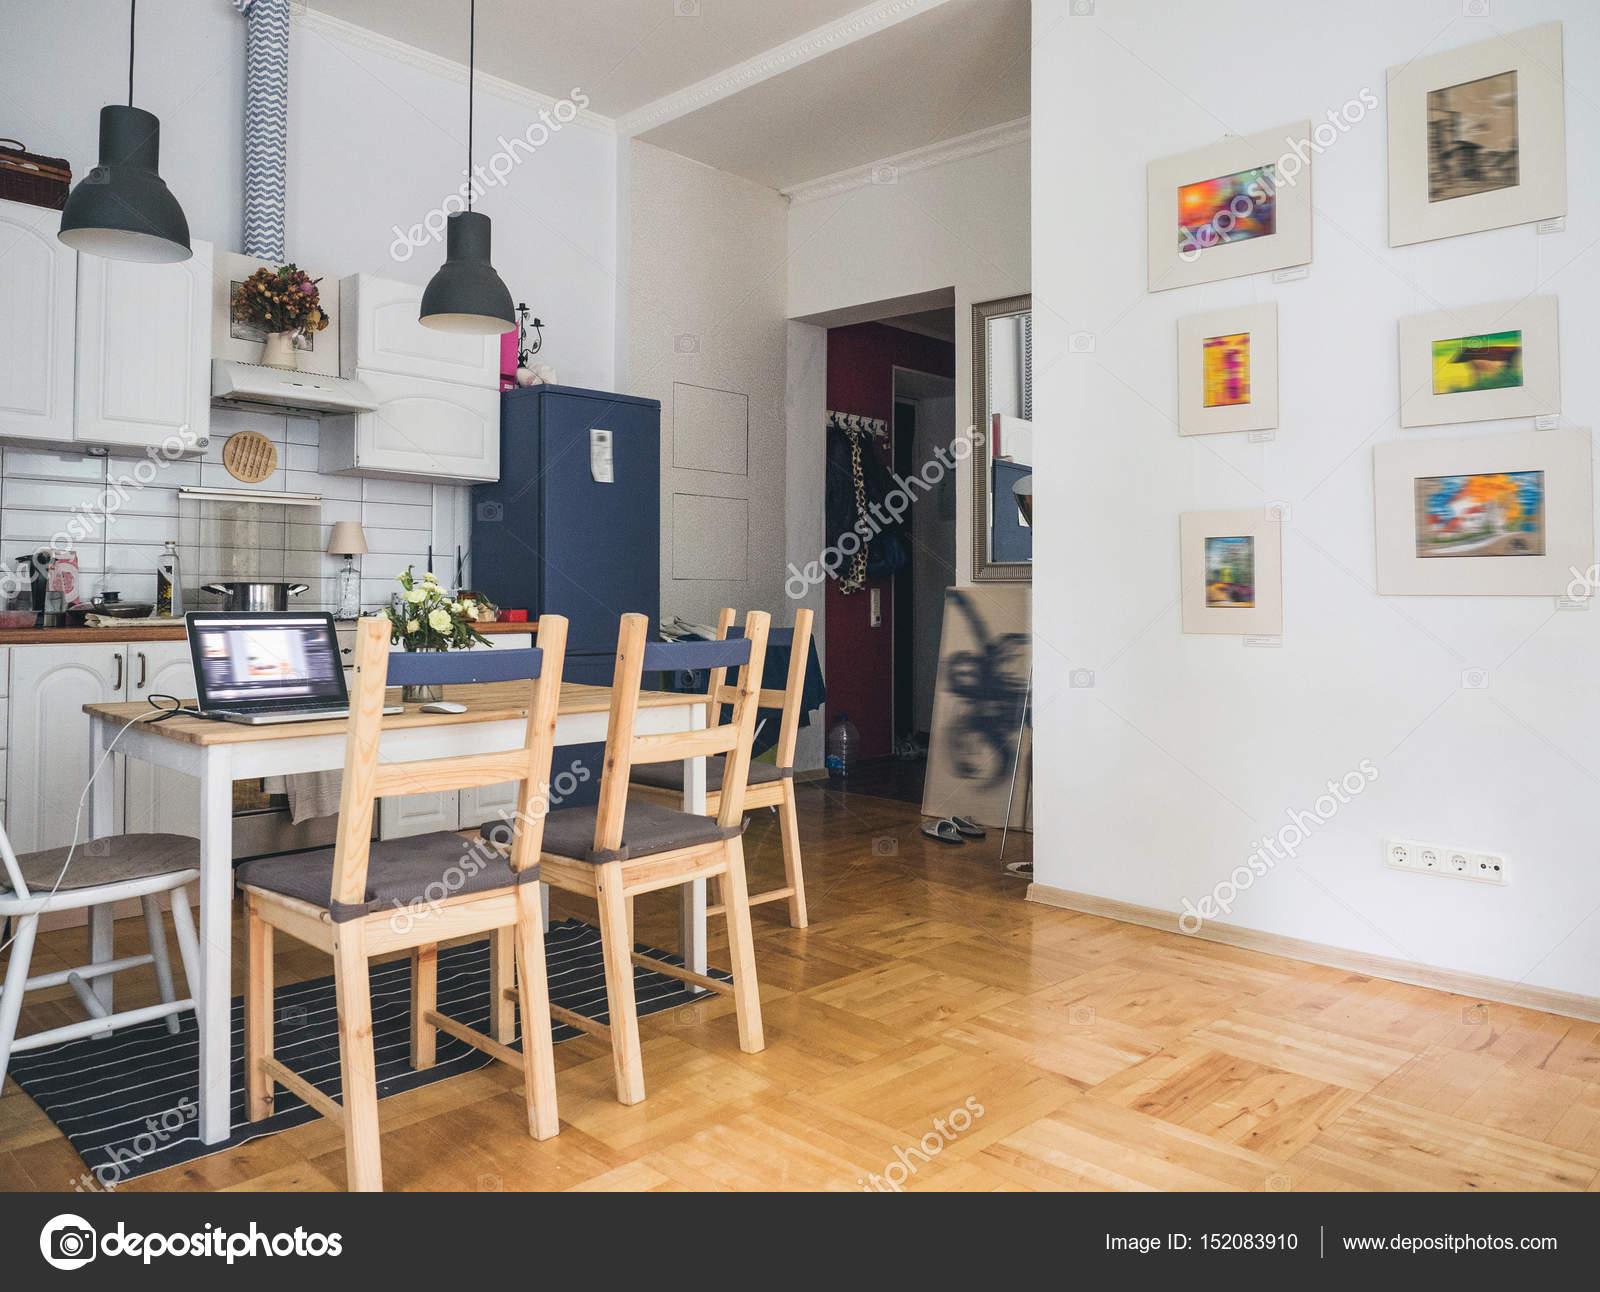 Keuken Interieur Scandinavisch : Scandinavische interieur van een keuken u stockfoto svmelnikoff